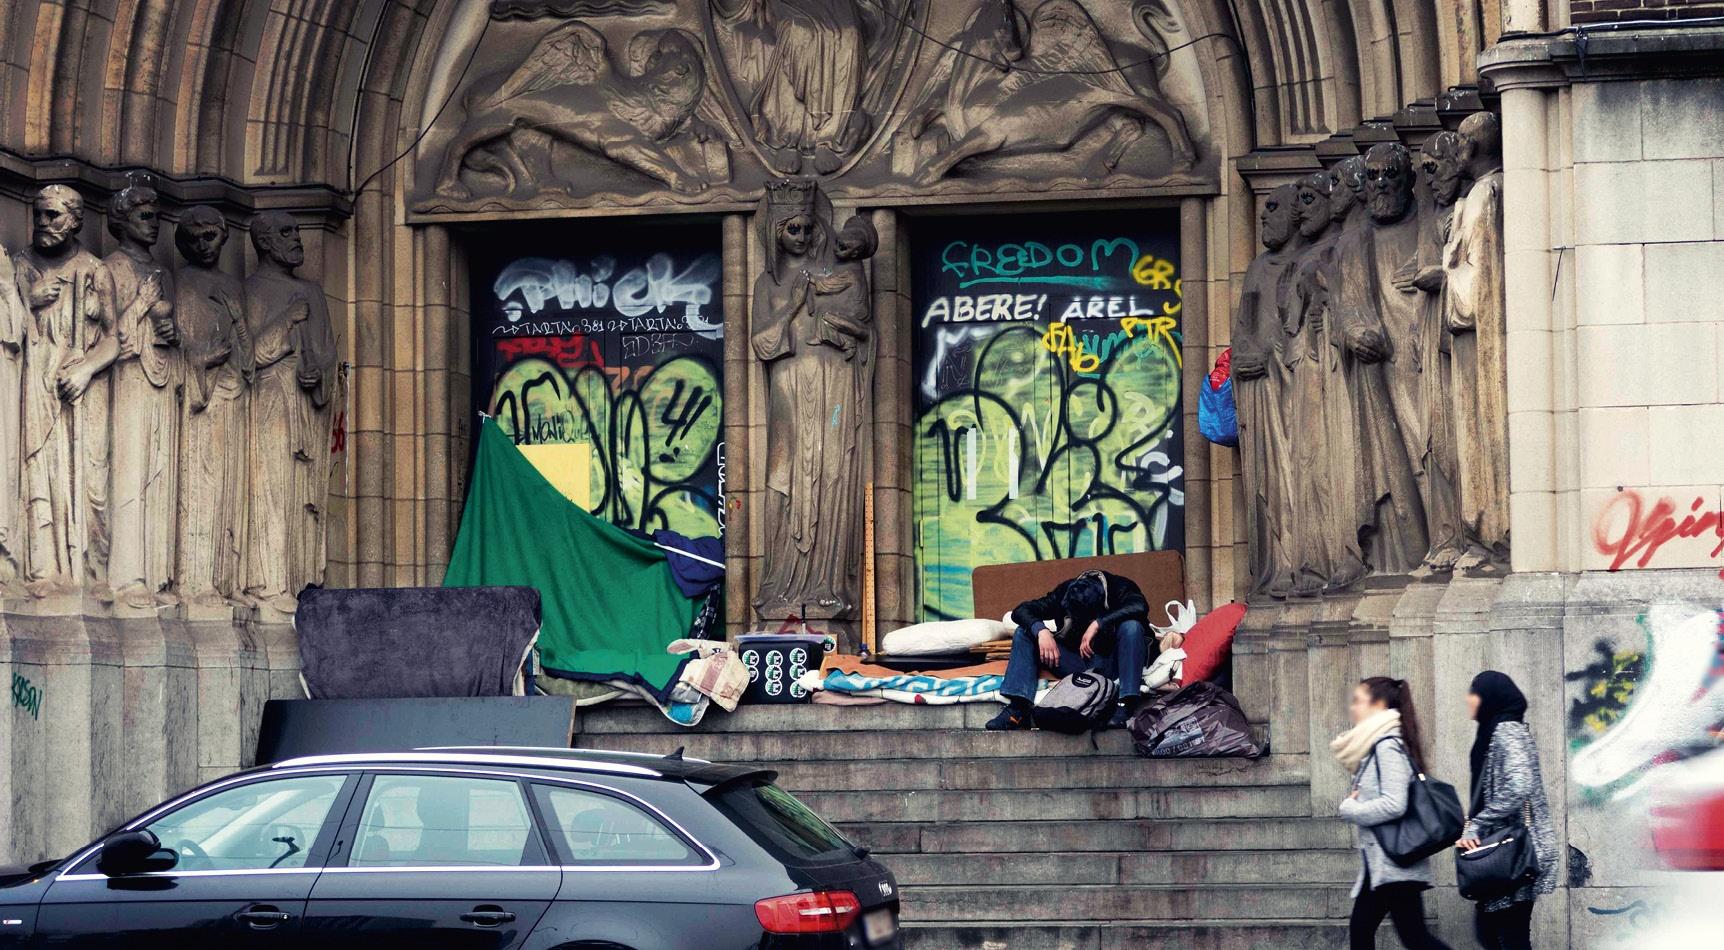 Collectif d'opposition à la loi anti-squat en Belgique